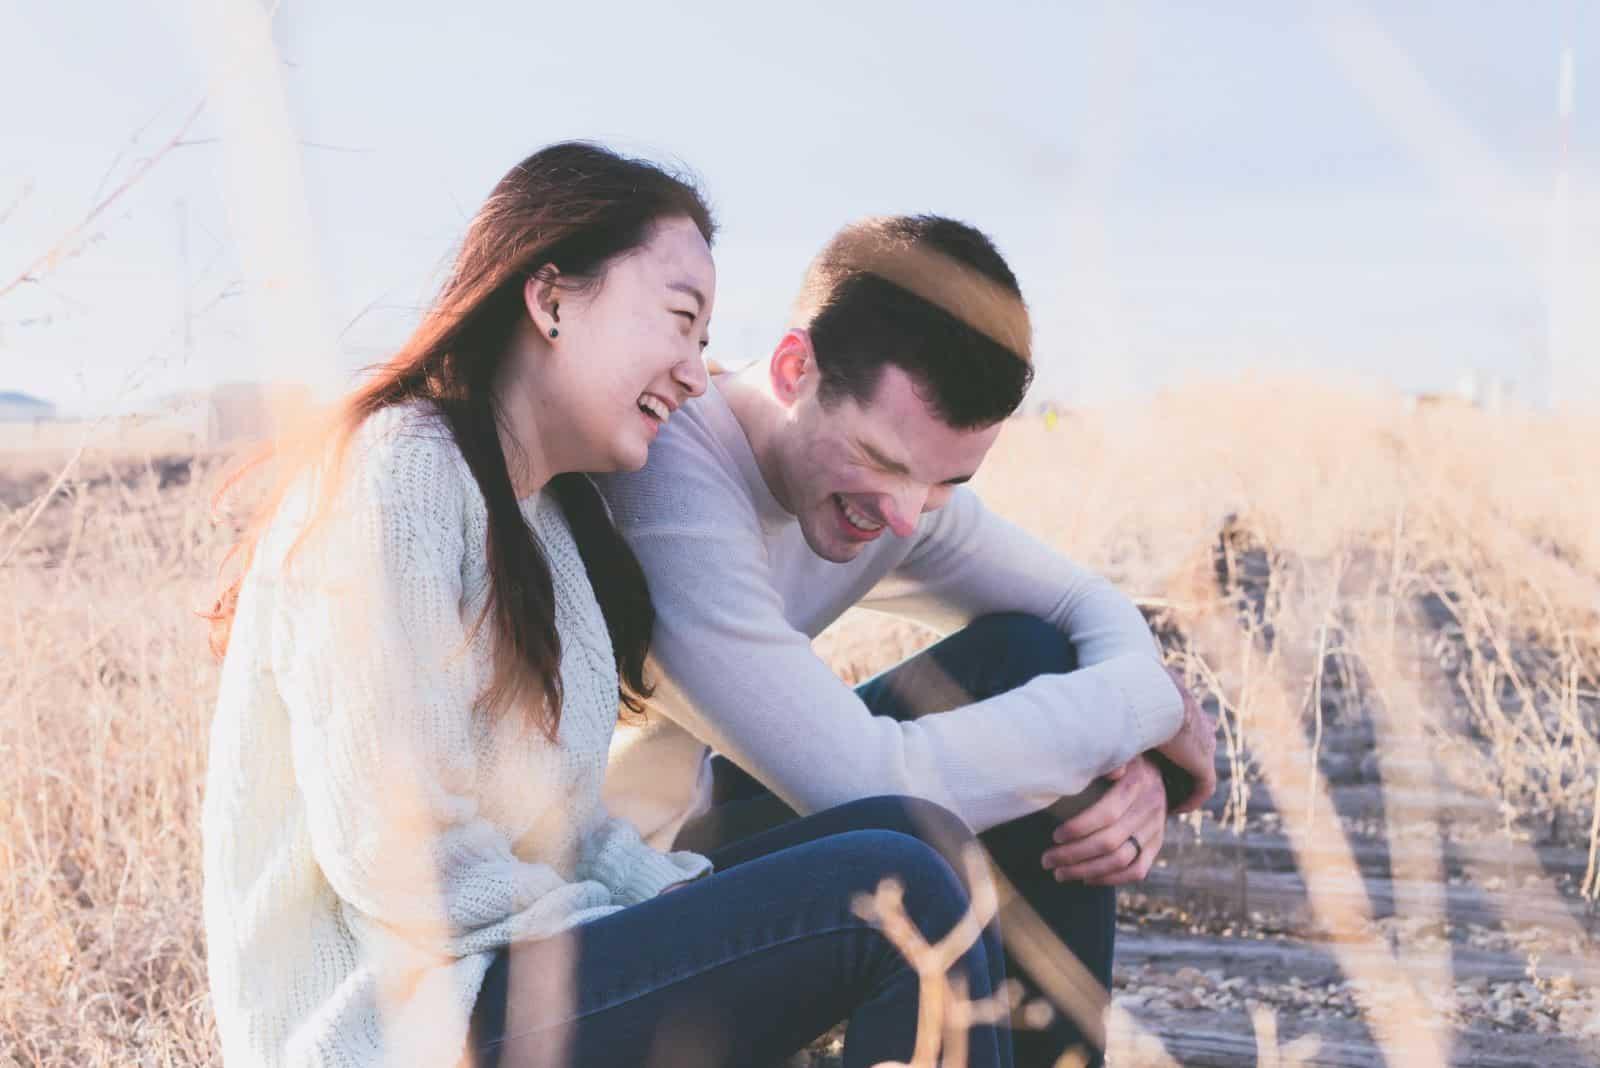 Mann und Frau lachen zusammen in der Natur